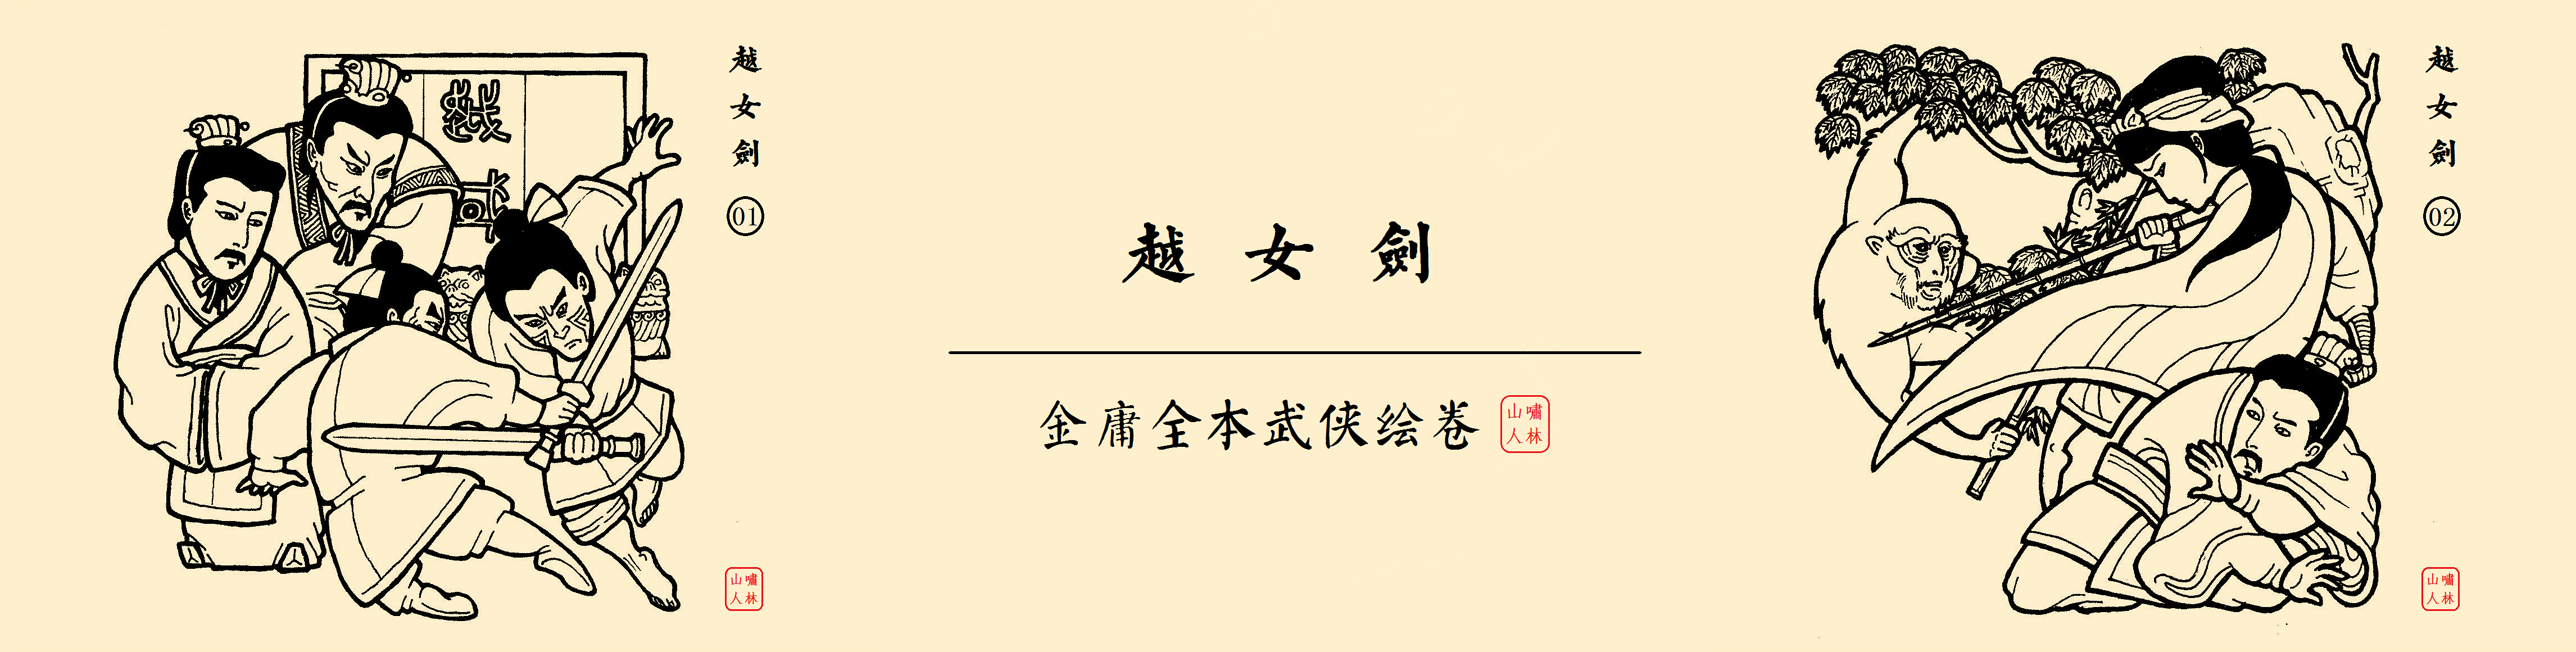 【越女剑】金庸全本武侠绘卷